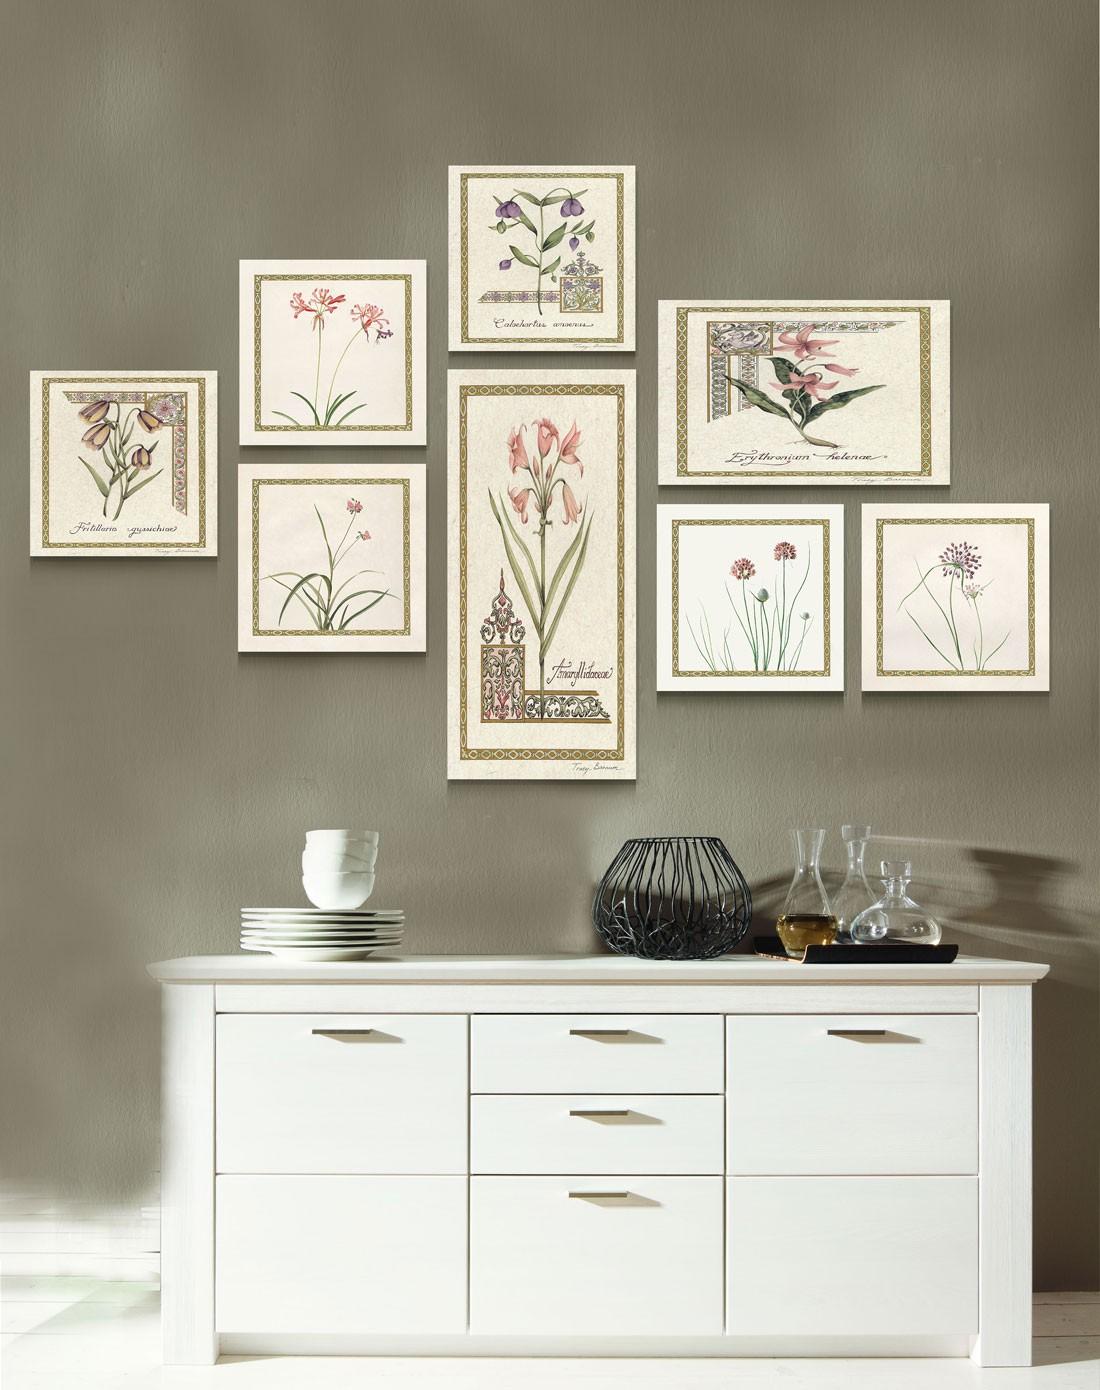 柠檬树家居装饰专场美式田园风创意组合画 田园花卉wp